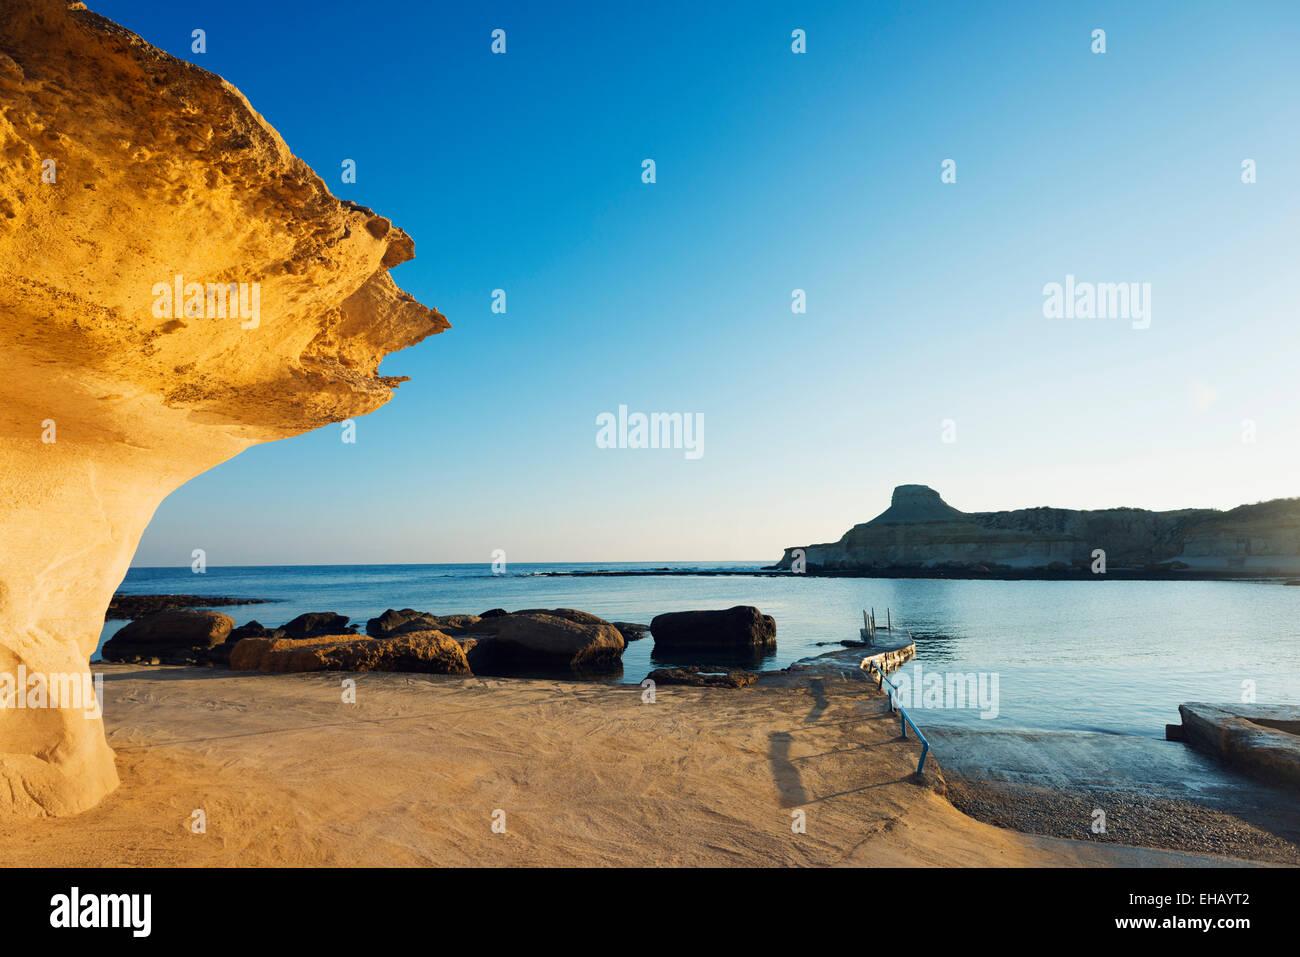 La Europa del Mediterráneo, Malta, Gozo, Isla Xwejni Bay Imagen De Stock